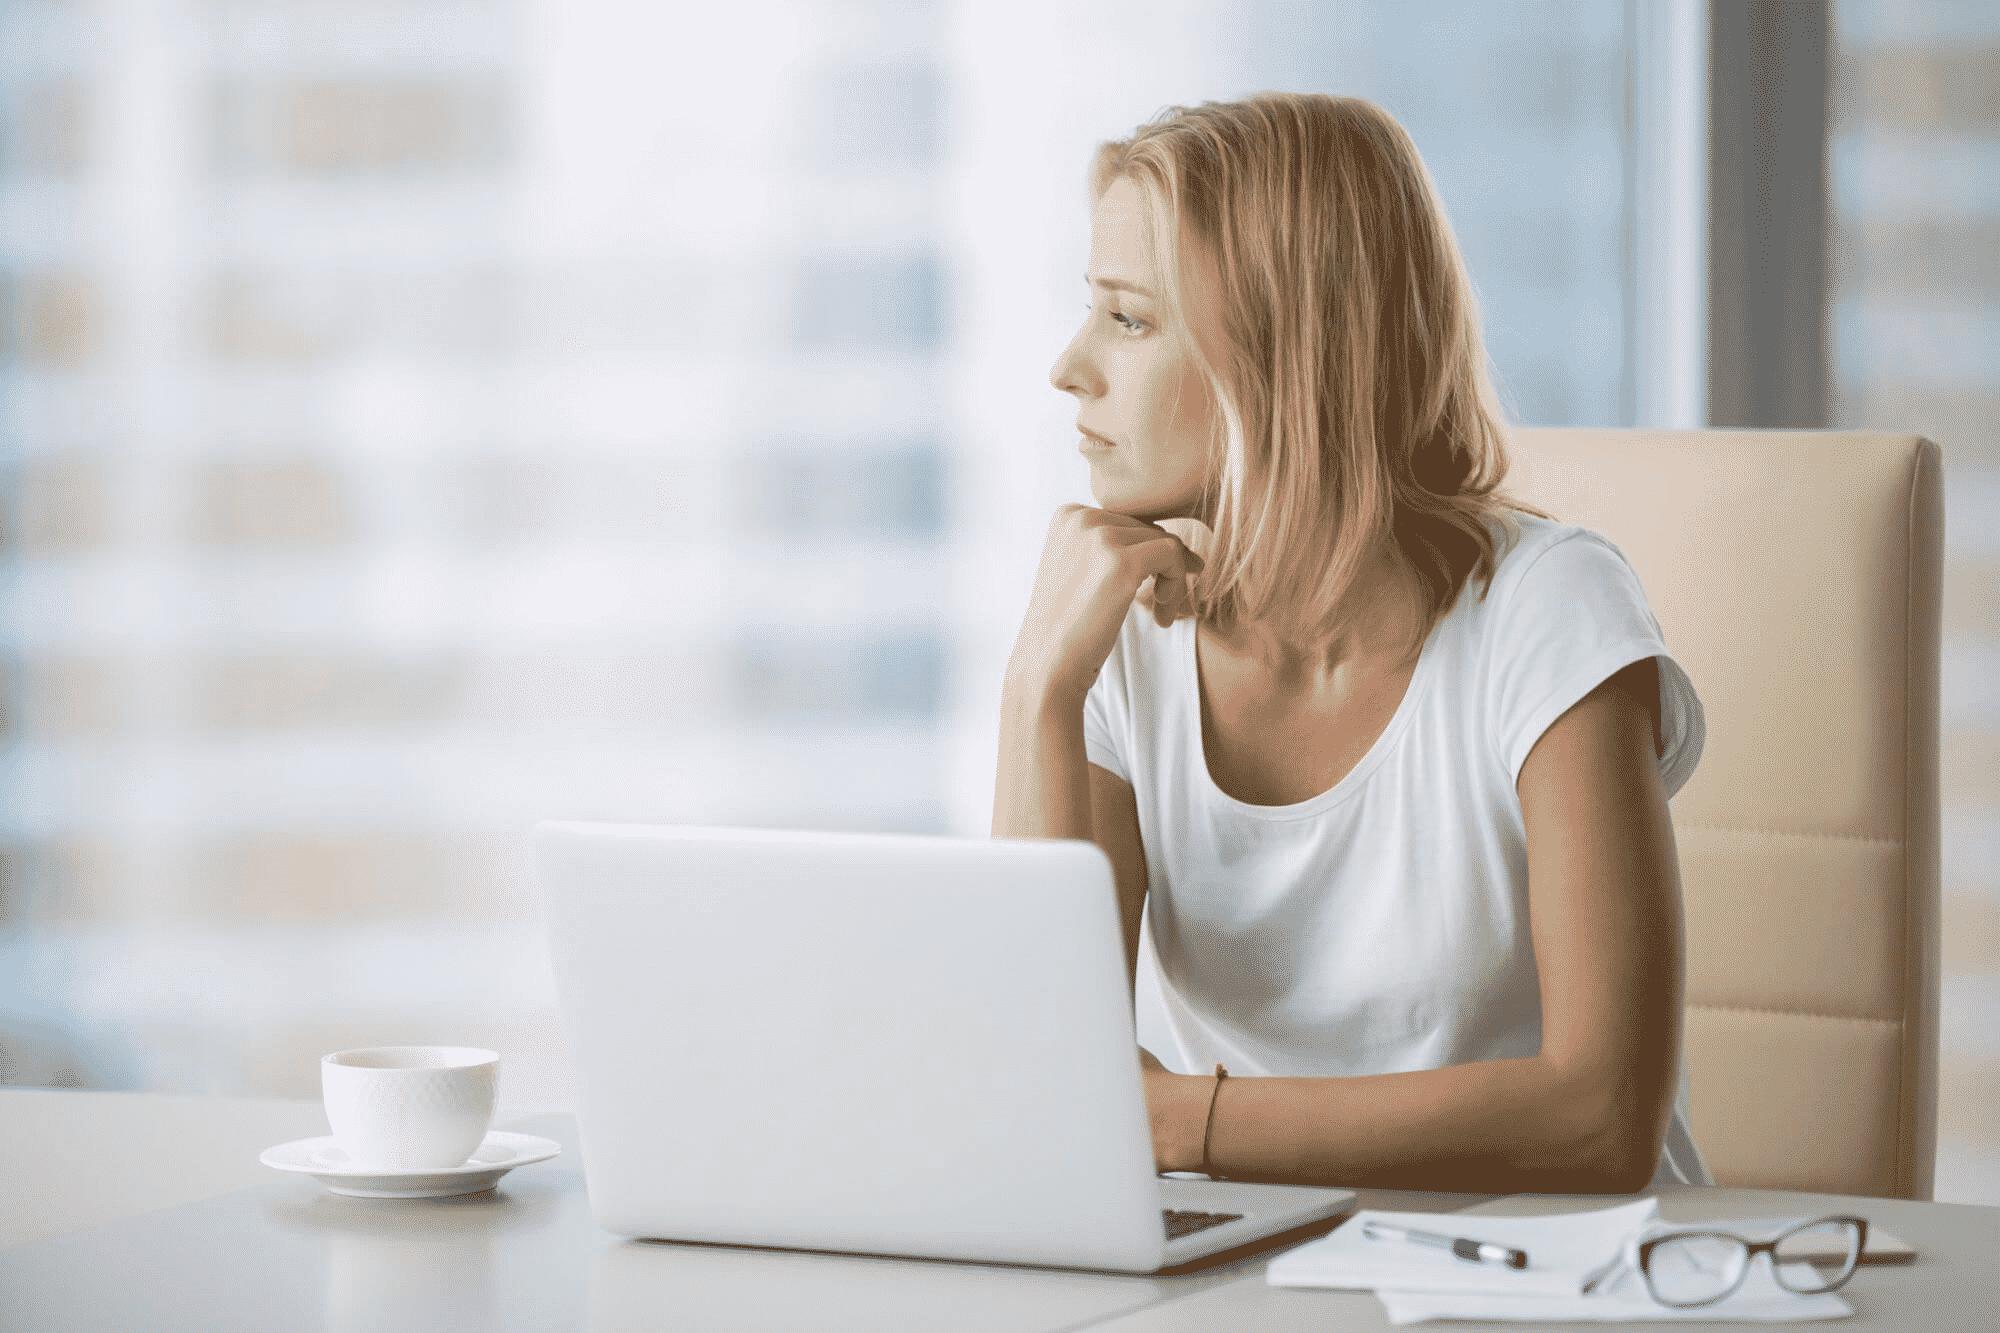 Leren van fouten   5 verlammende patronen   Competenties Feedback